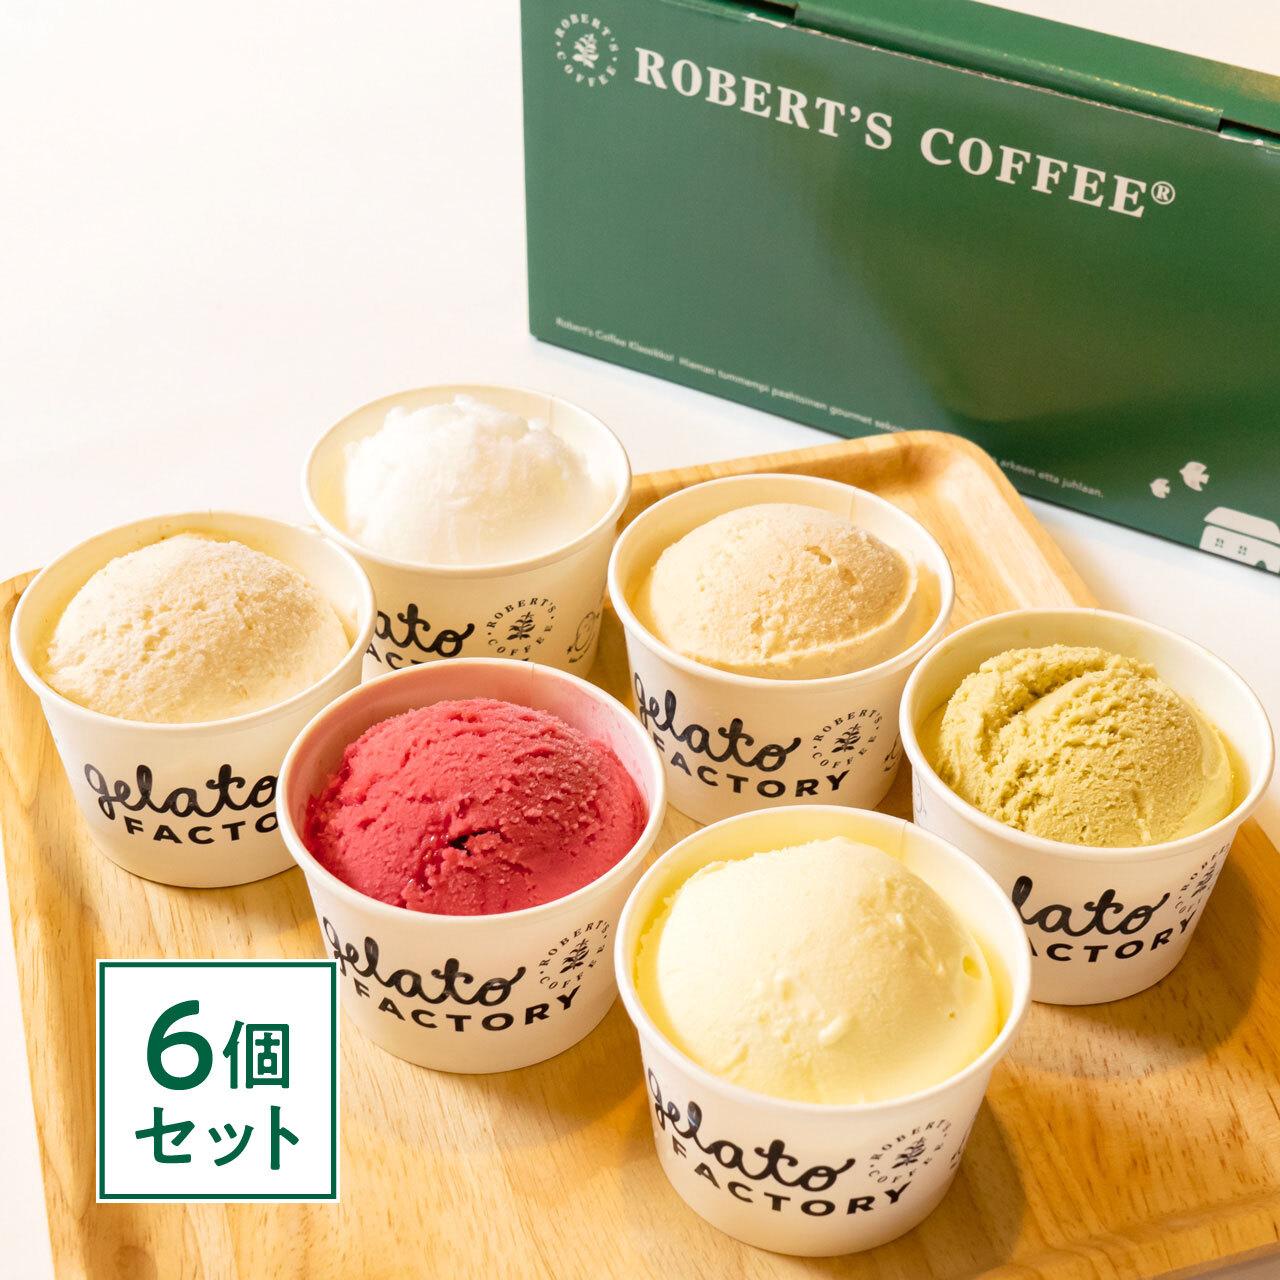 【期間限定】ロバーツコーヒージェラートファクトリー ジェラート6種類セット 6個入(6種×各1個)